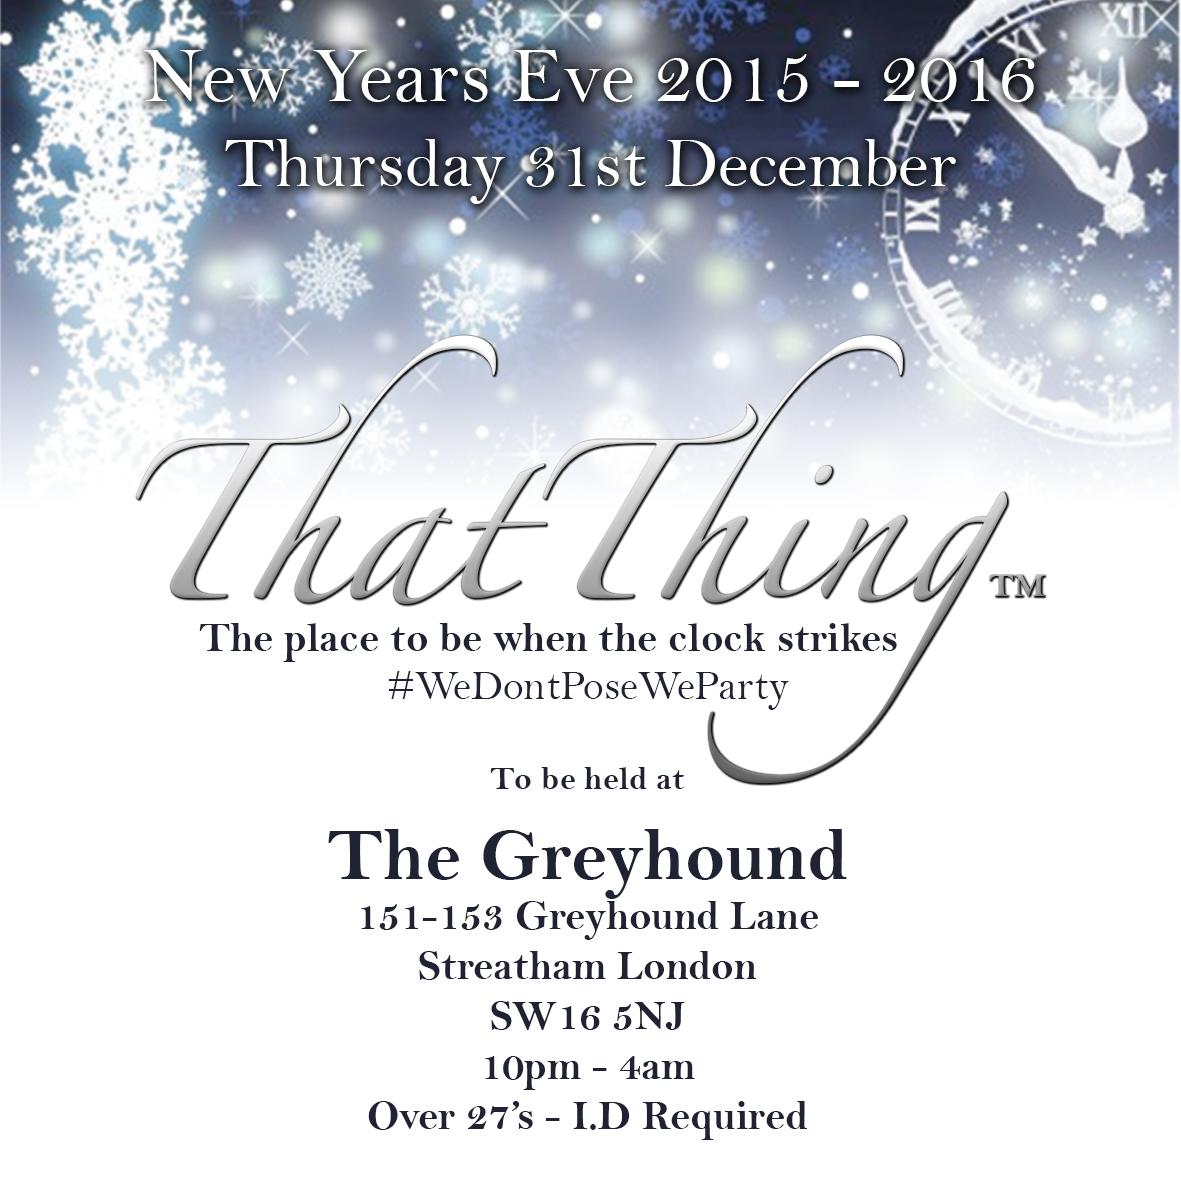 ThatThing NYE 2015 - 2016 The Greyhound